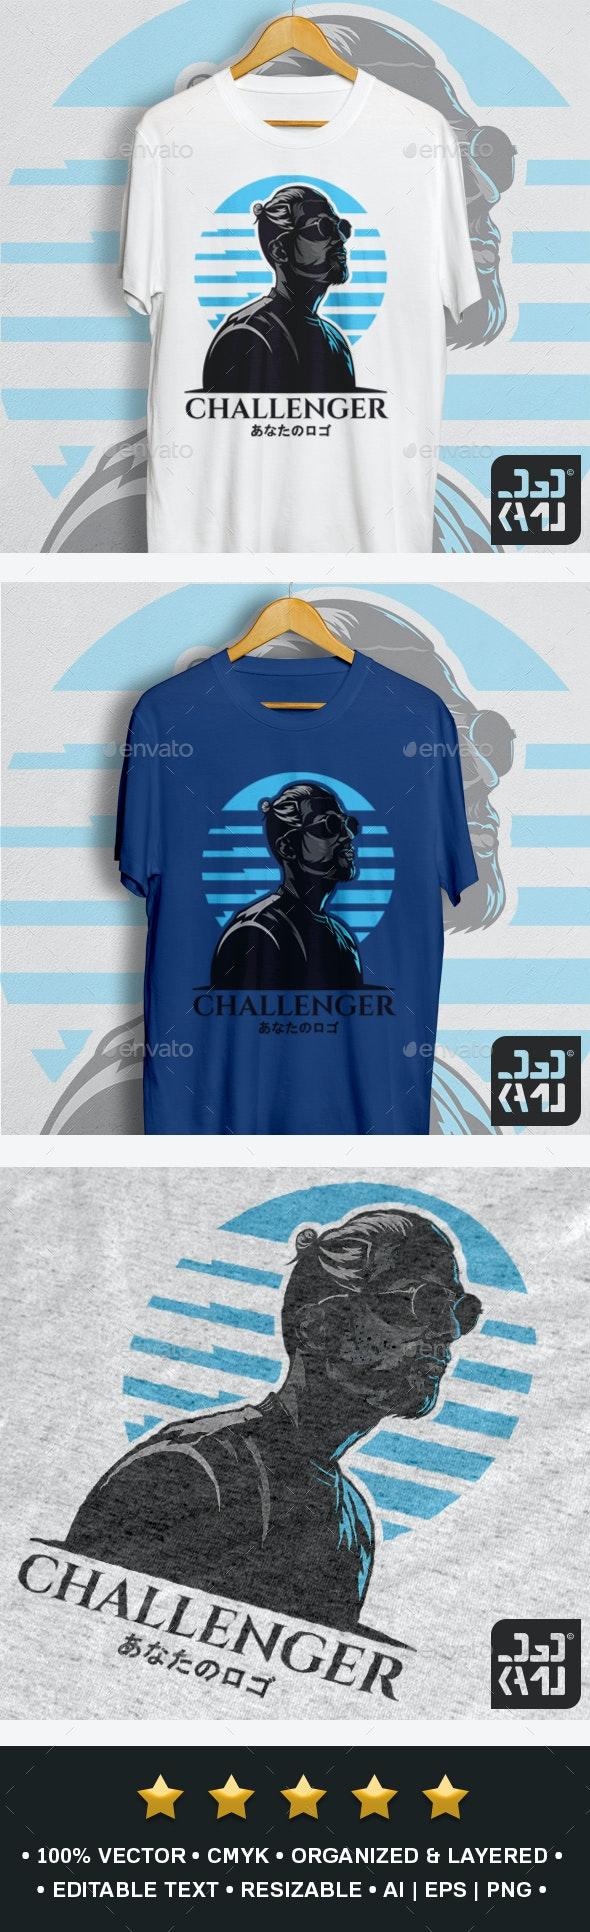 Challenger T-Shirt - Designs T-Shirts